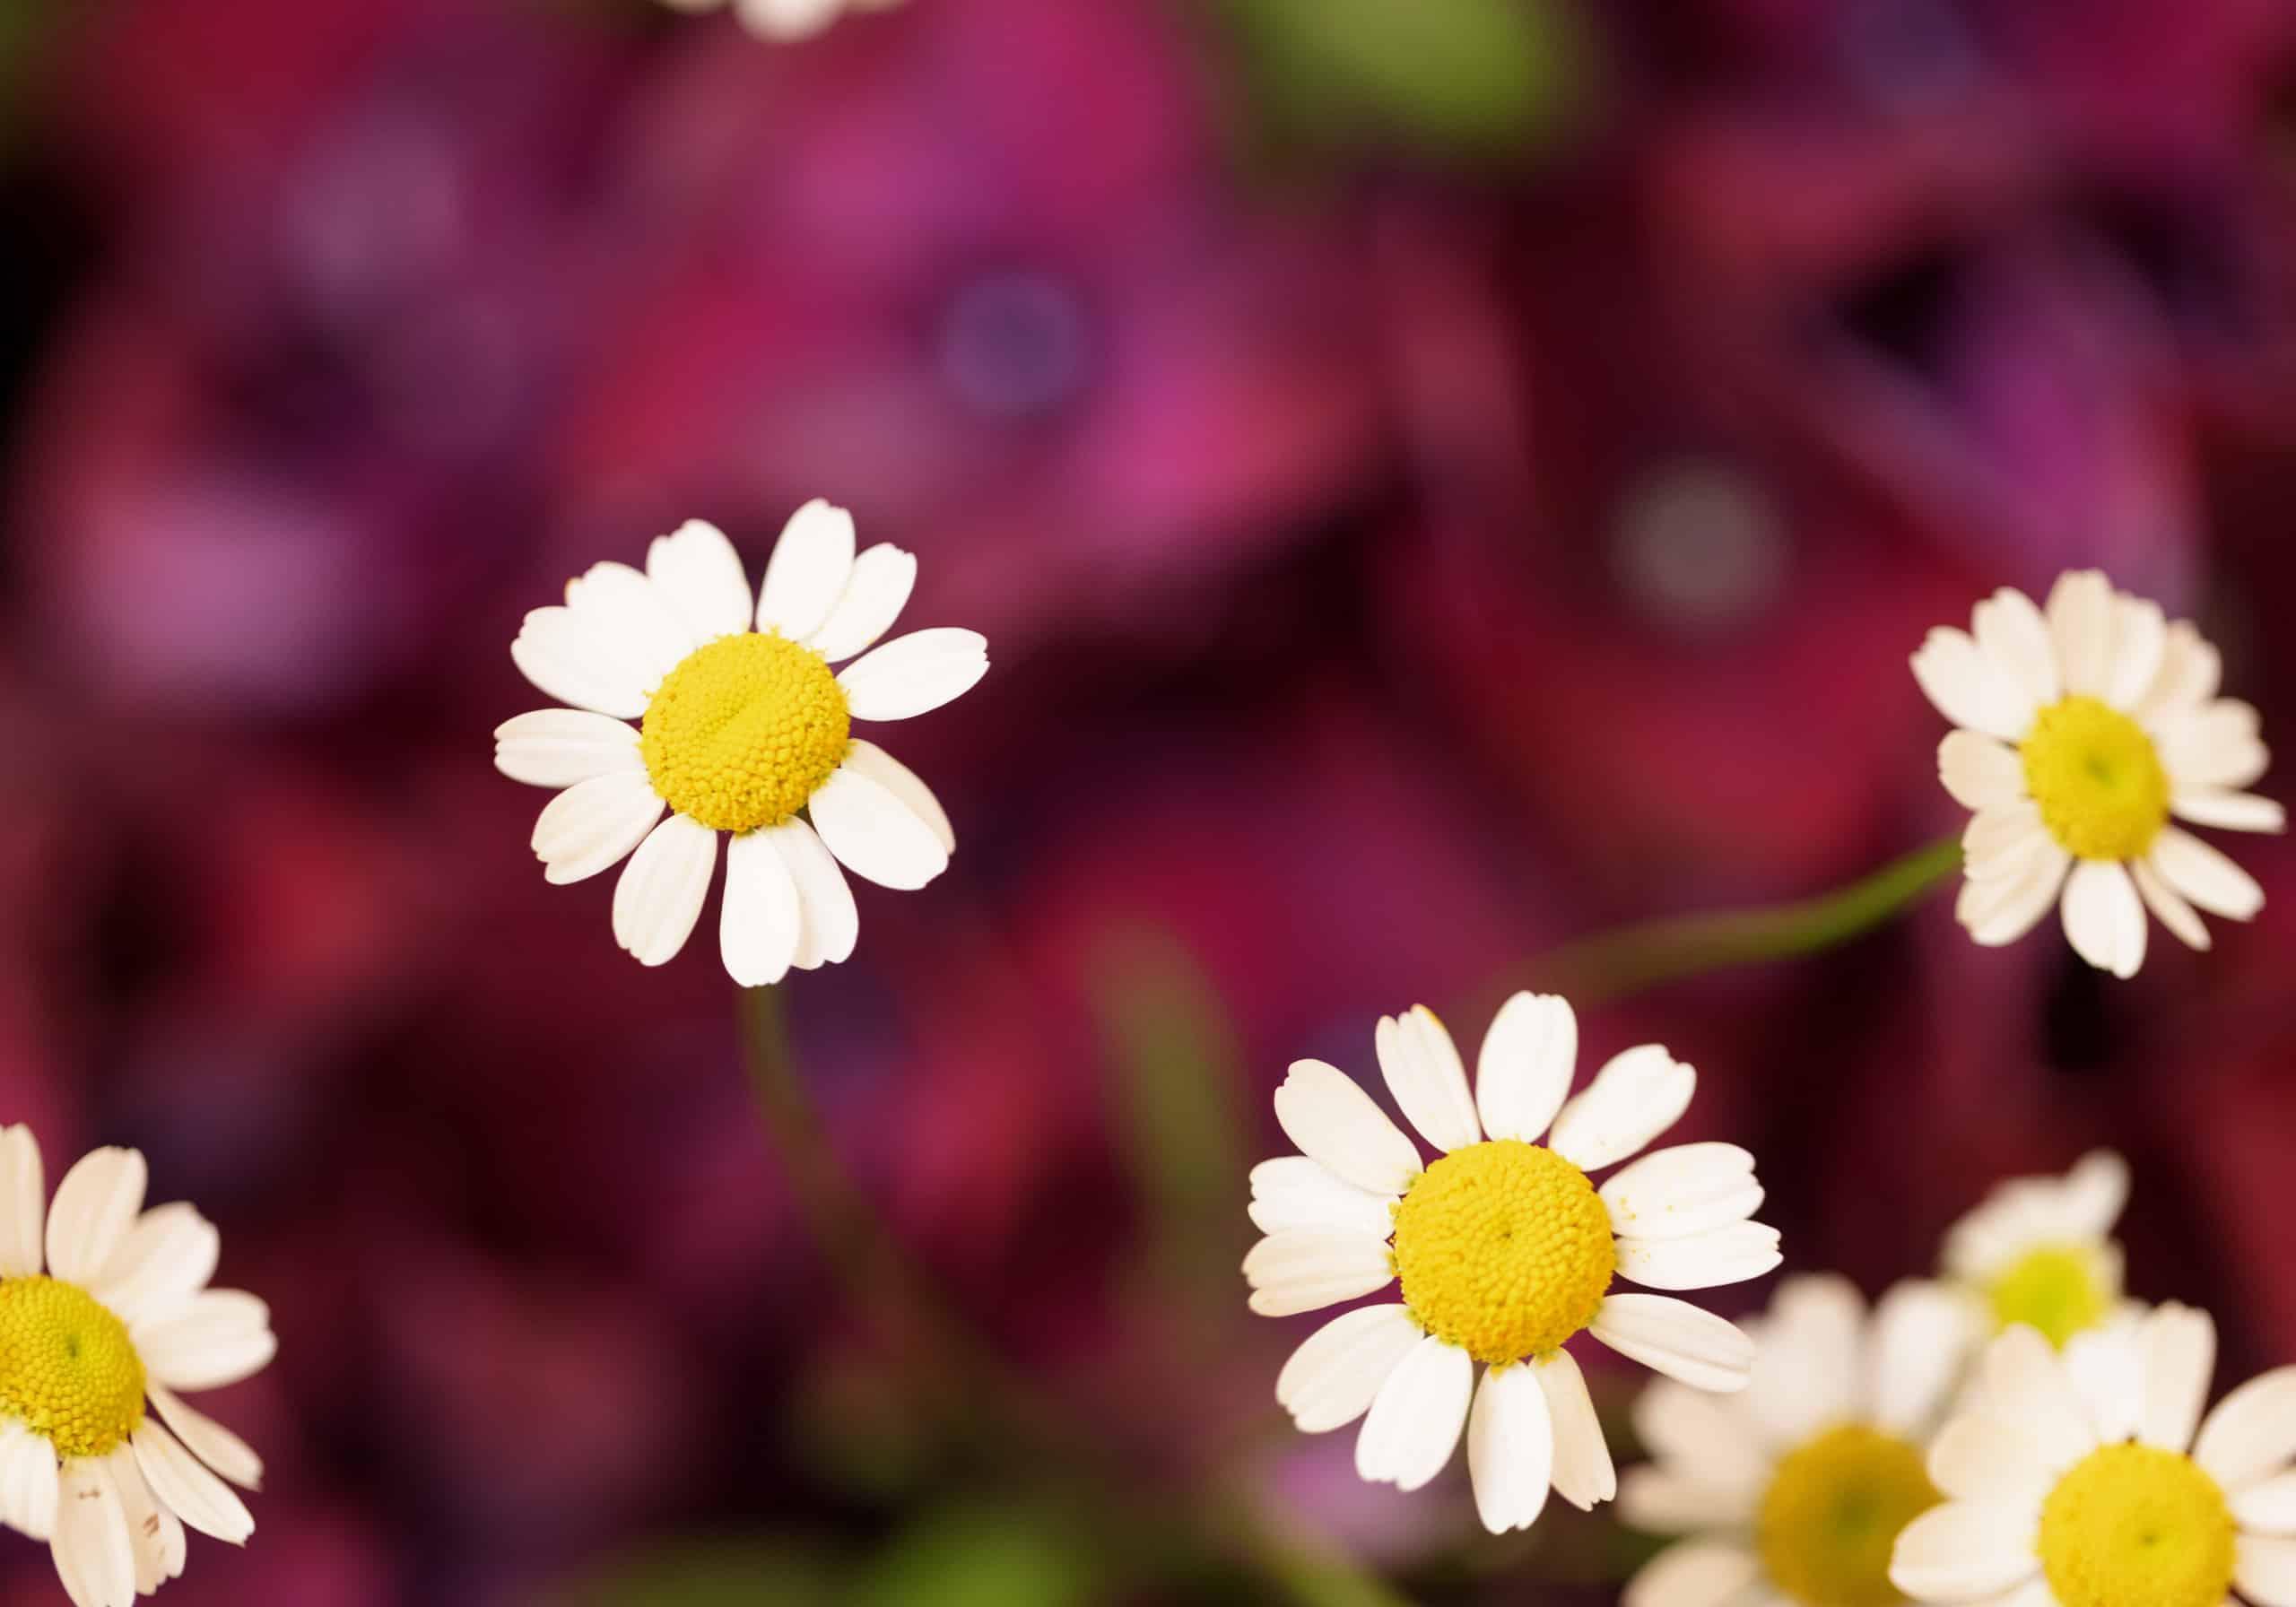 Eine Detailaufnahme von weißen Margeritenblüten vor einem lila Hintergrund aus Hortensien